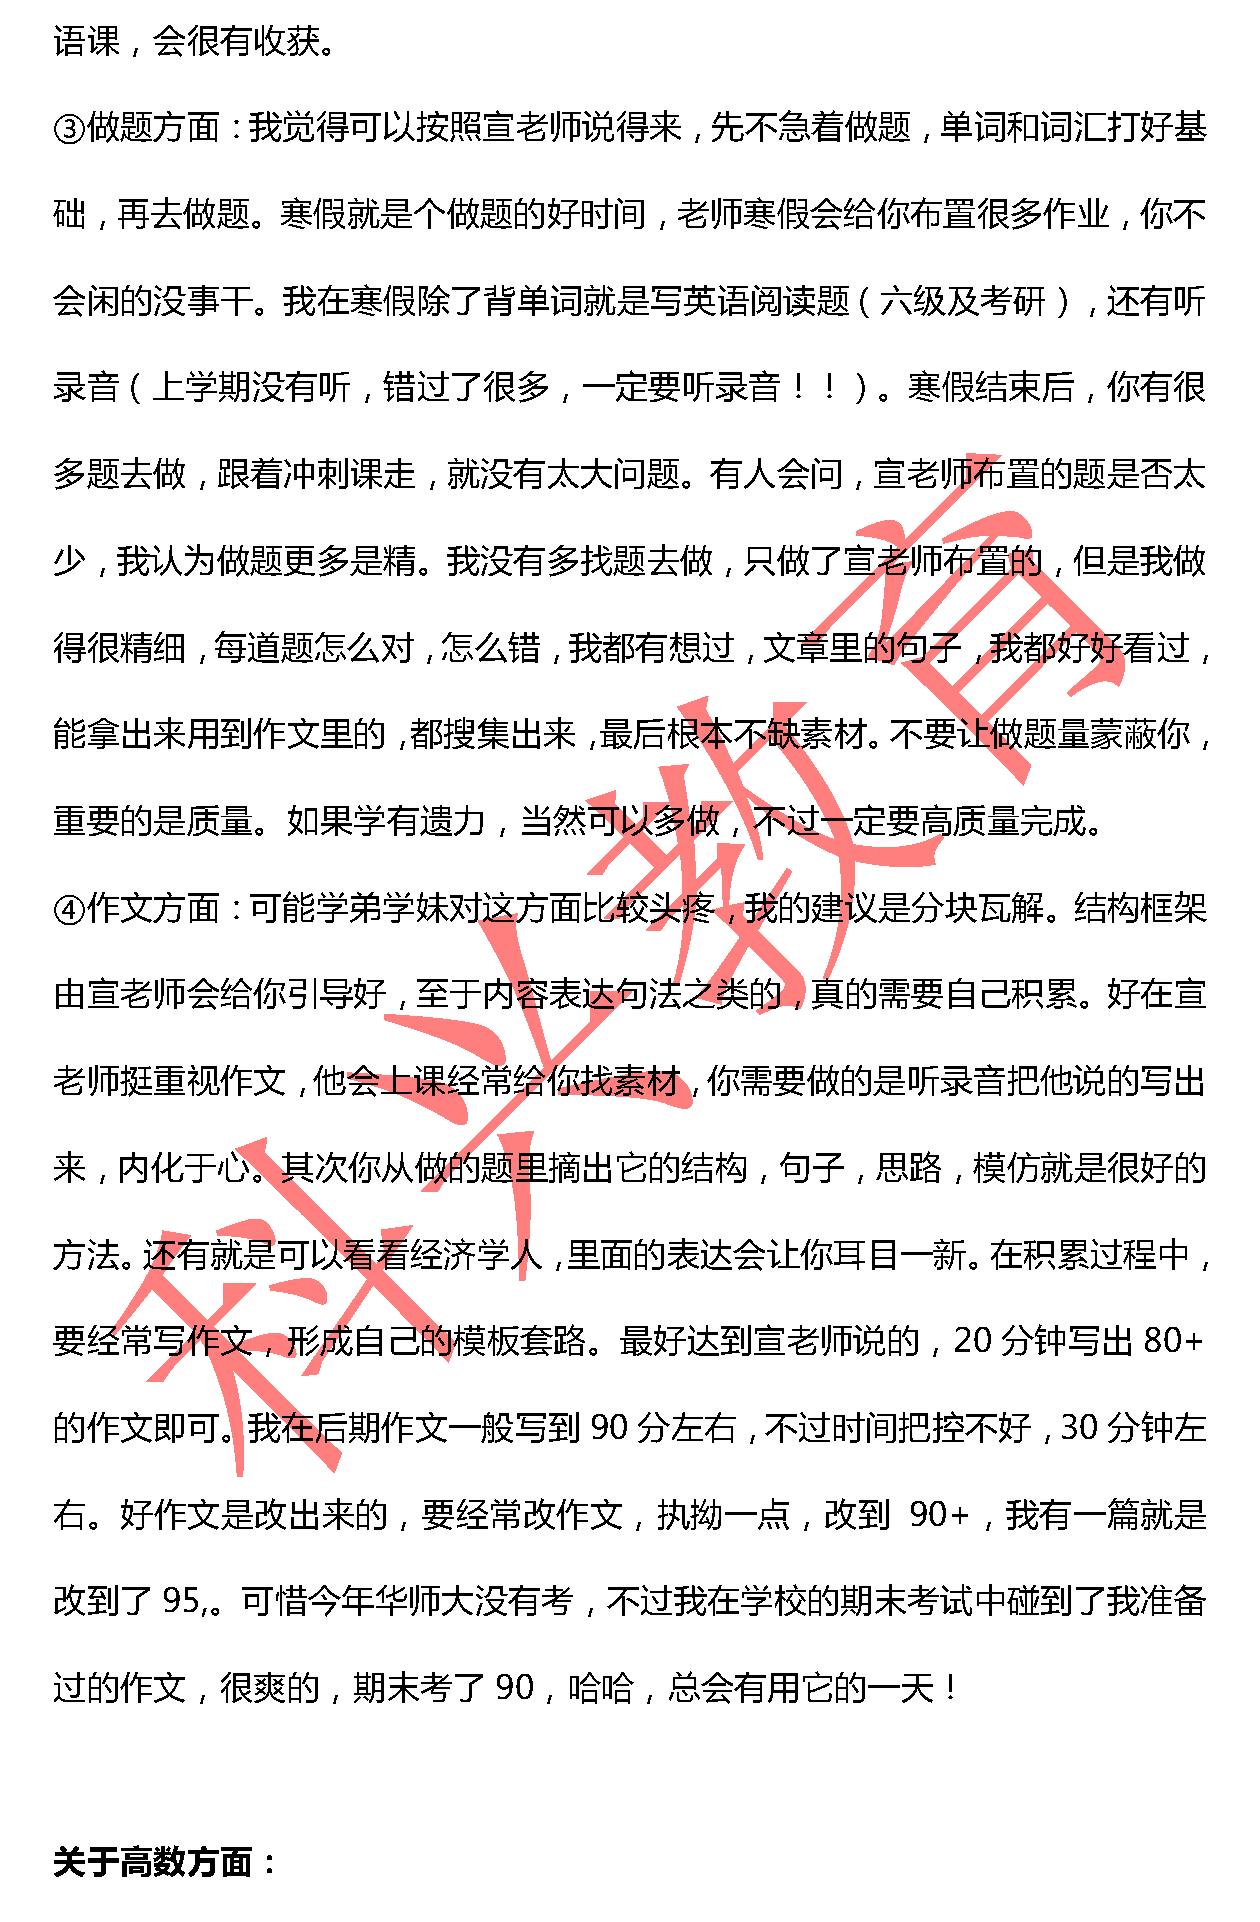 华师王建:天道酬勤(18届)